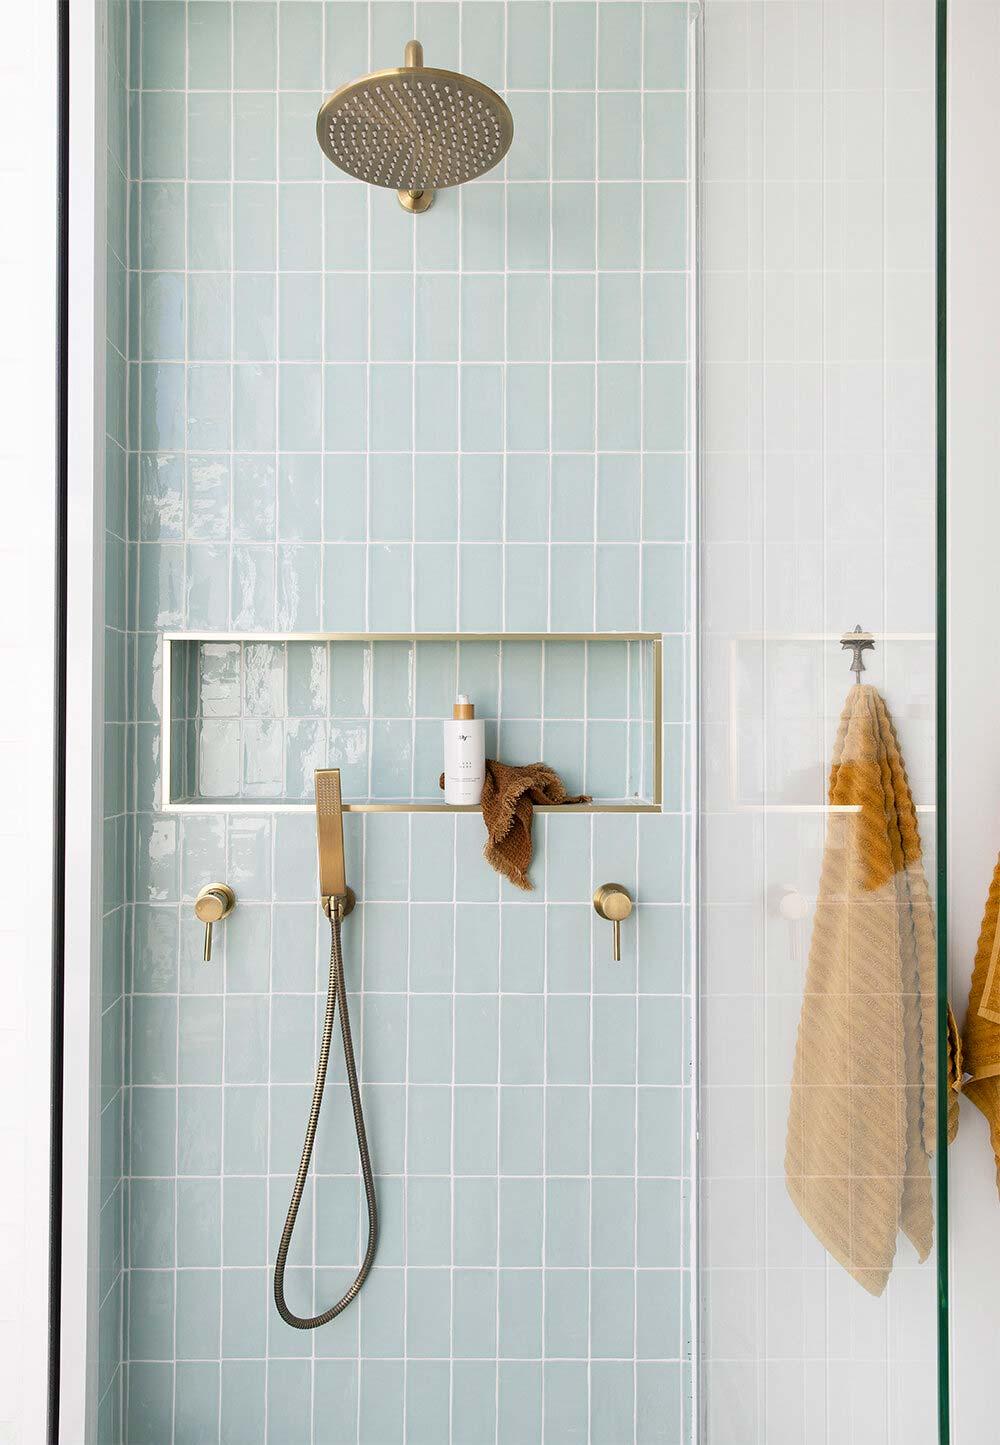 Super mooie badkamer met pastelblauwe tegels in de inloopdouche, gecombineerd met gouden accenten.